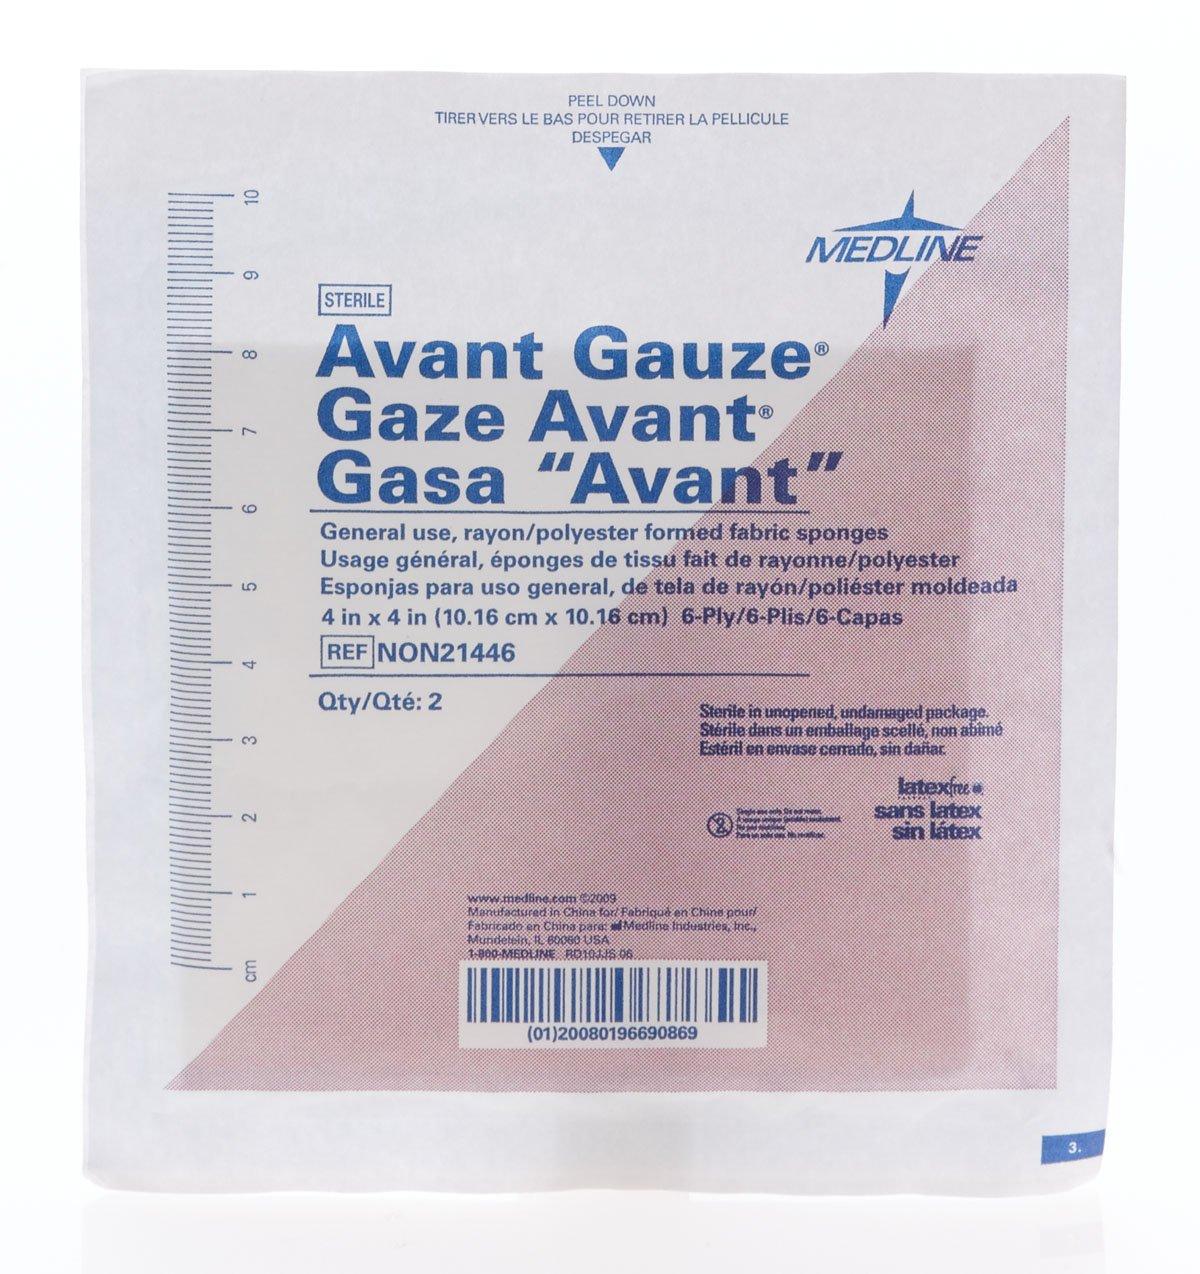 Medline NON21446 Avant Gauze Non-Woven Sterile Sponge, Latex Free, 4'' x 4'', 6-Ply (Pack of 600) by Medline